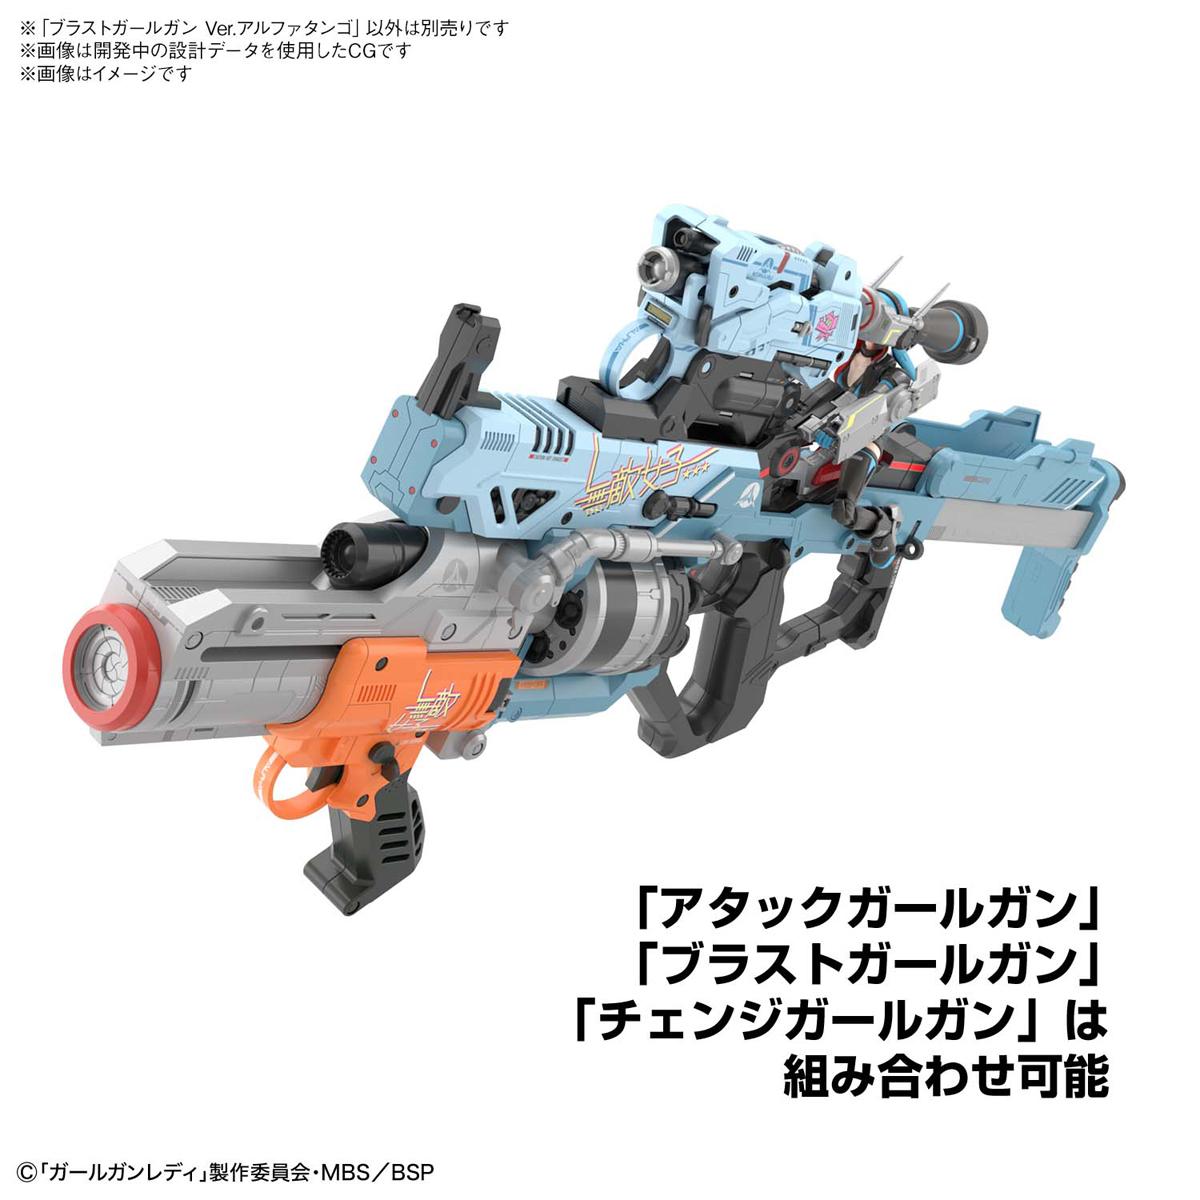 ガールガンレディ『ブラストガールガン Ver.アルファタンゴ』GGL 1/1 プラモデル-006